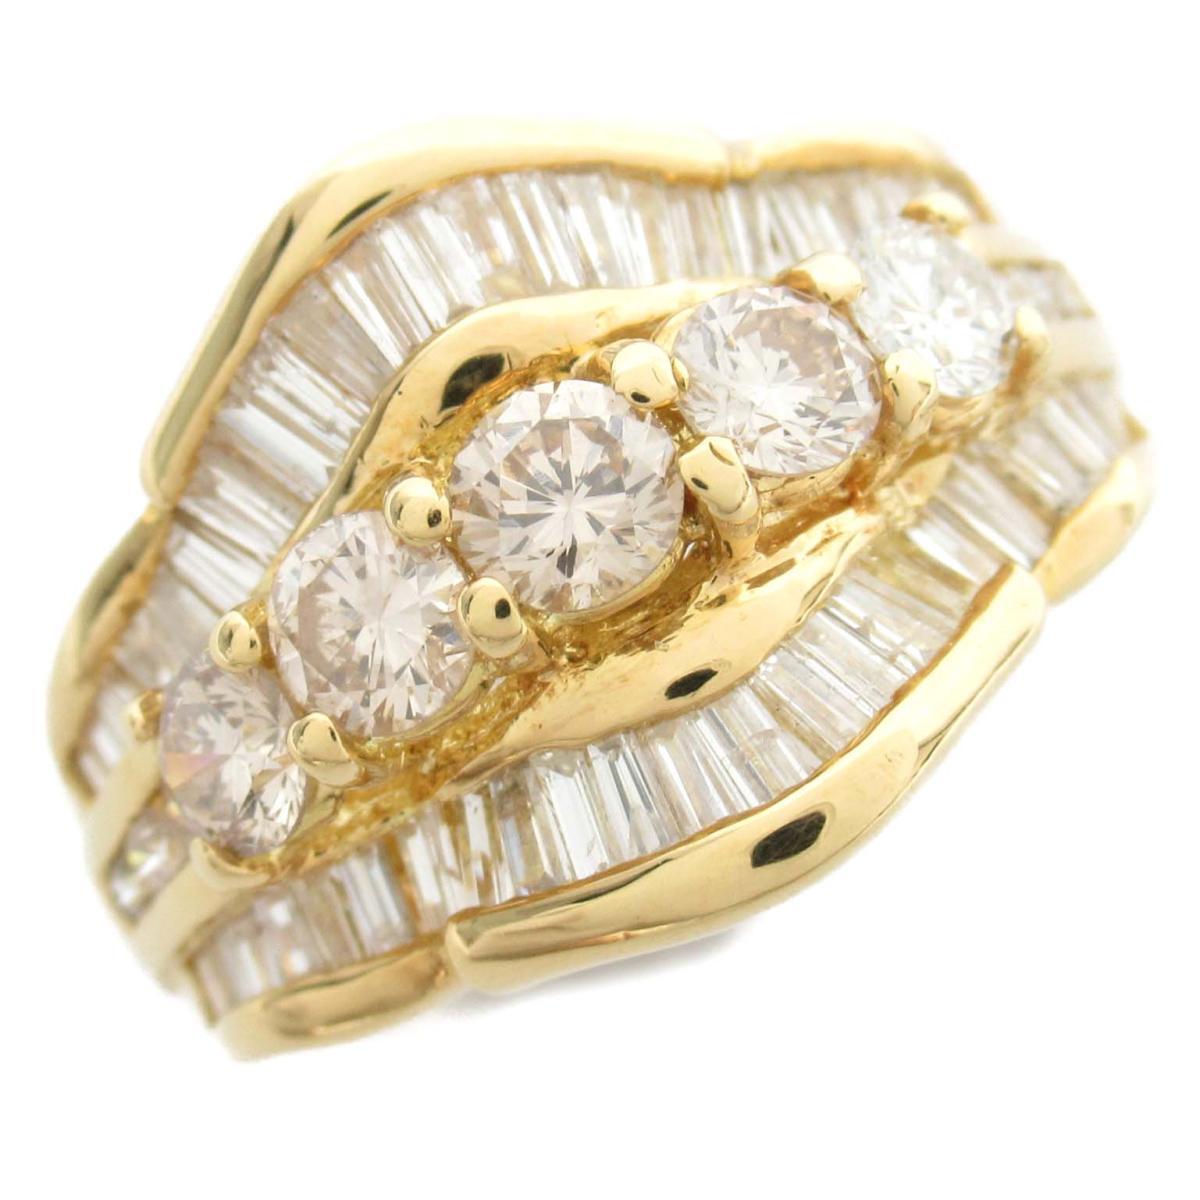 ジュエリー ダイヤモンド リング 指輪 ノーブランドジュエリー レディース 18Kイエローゴールド x ダイヤモンド2.10ct 【中古】 | JEWELRY BRANDOFF ブランドオフ アクセサリー